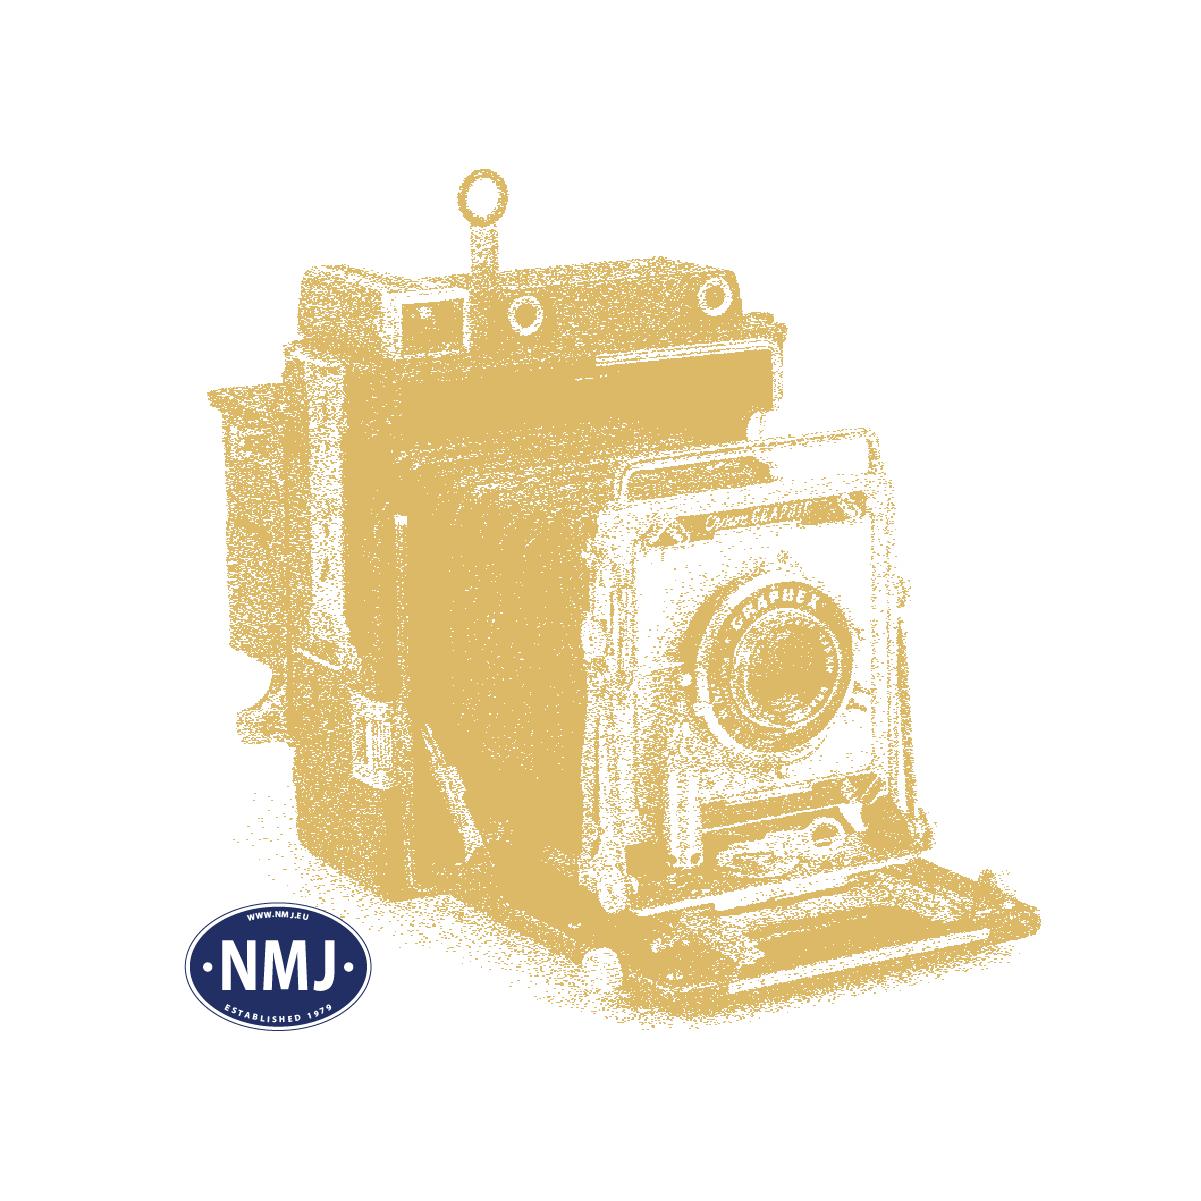 FAL140422 - Radiobilder, Tivoli, Funksjonsmodell